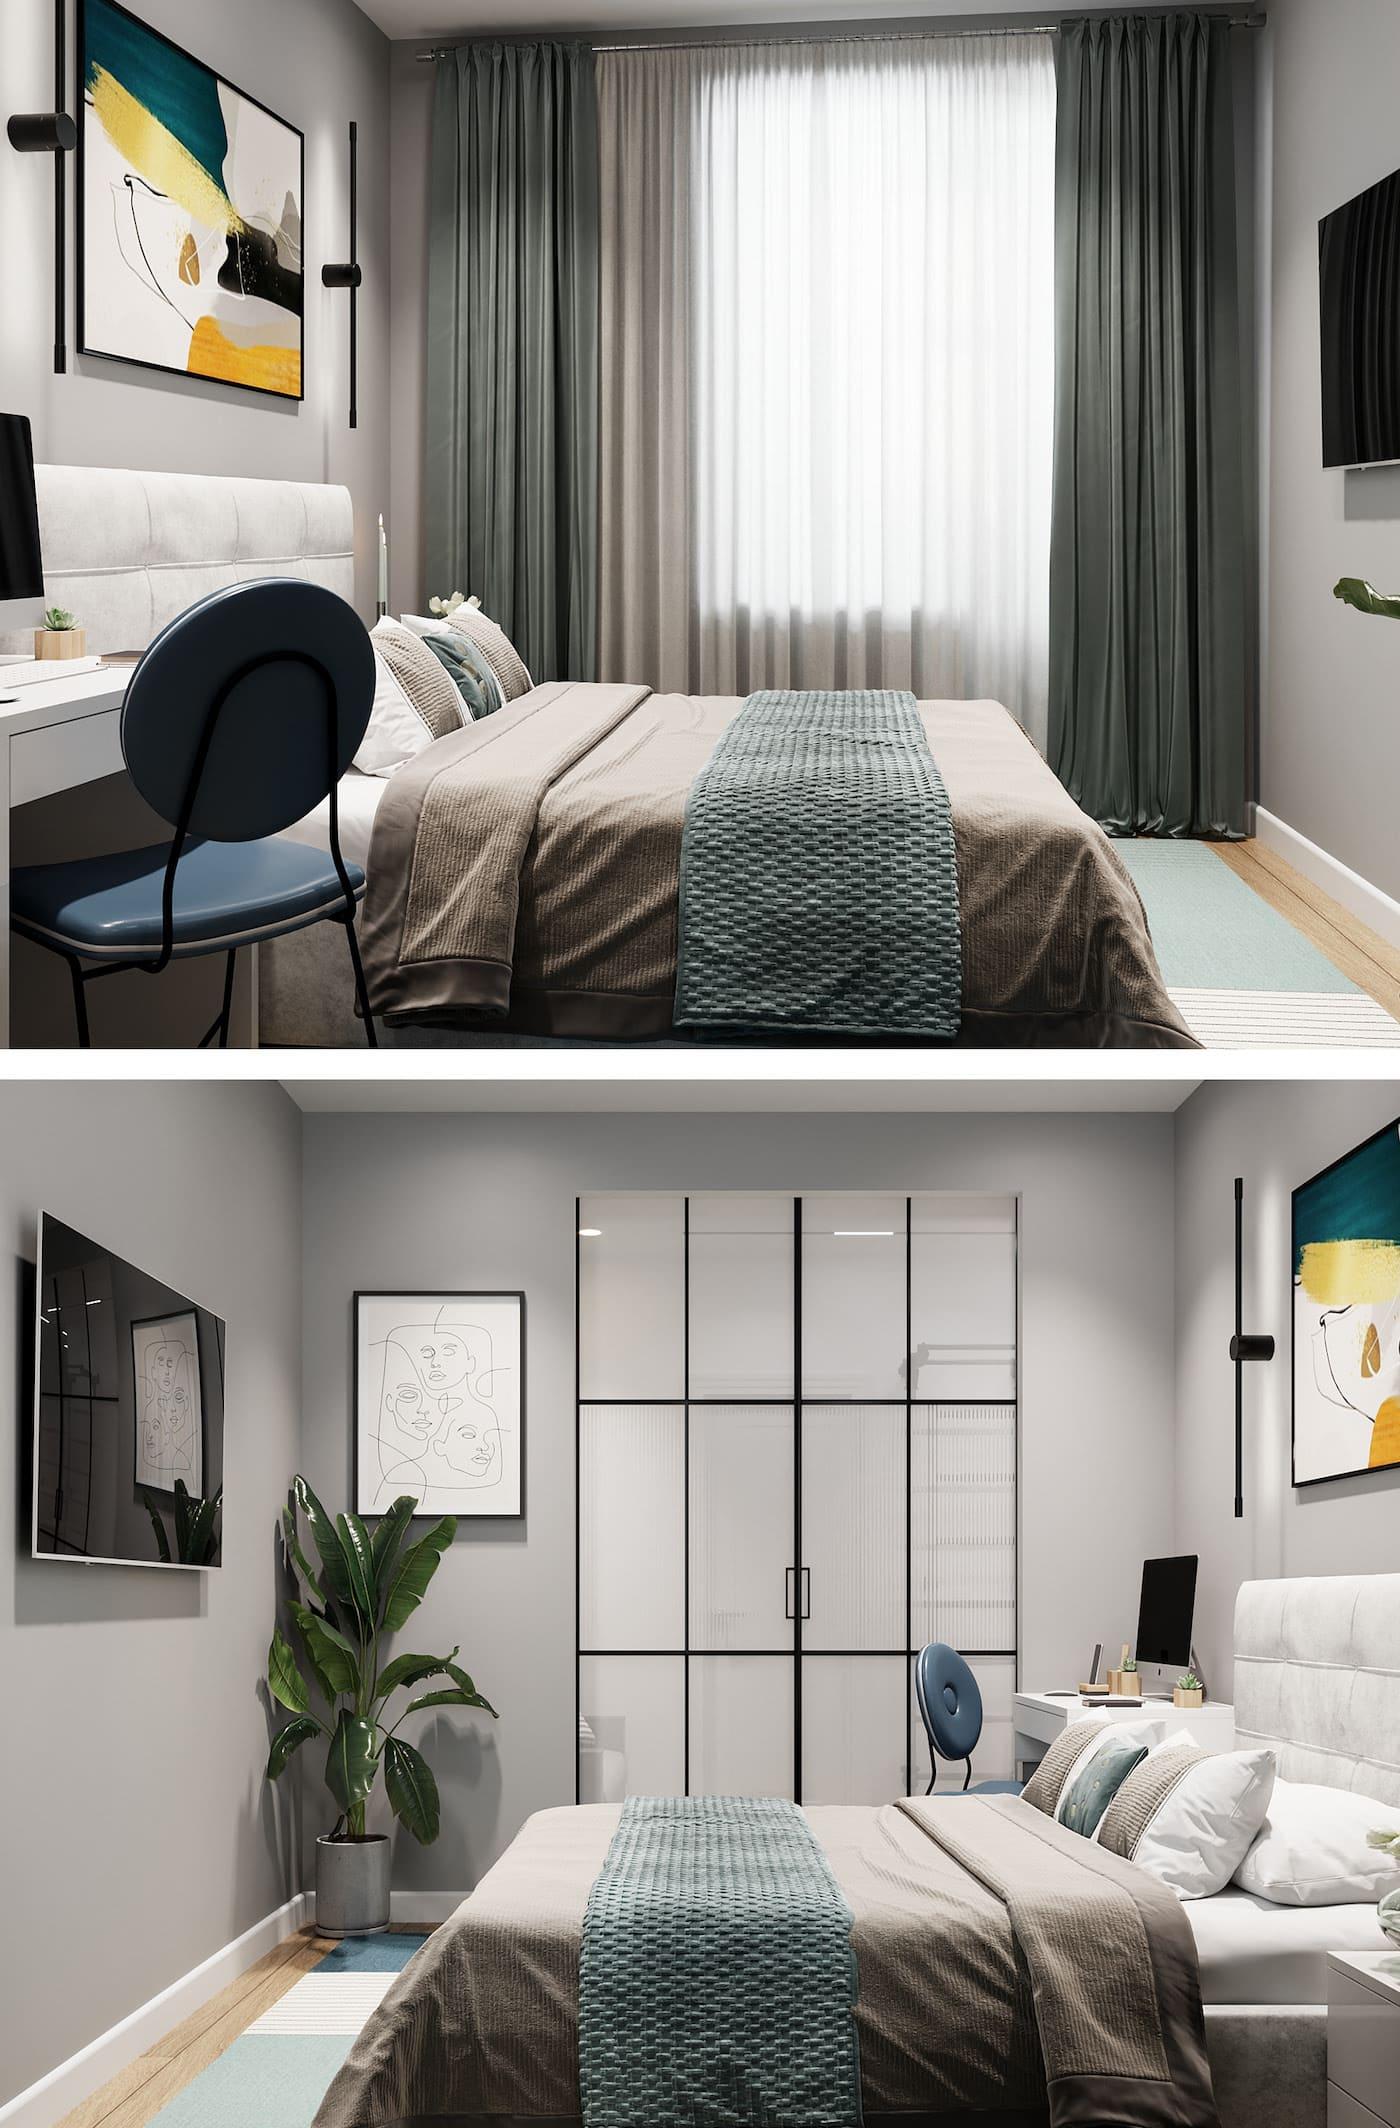 Conception d'un appartement à une chambre photo 23